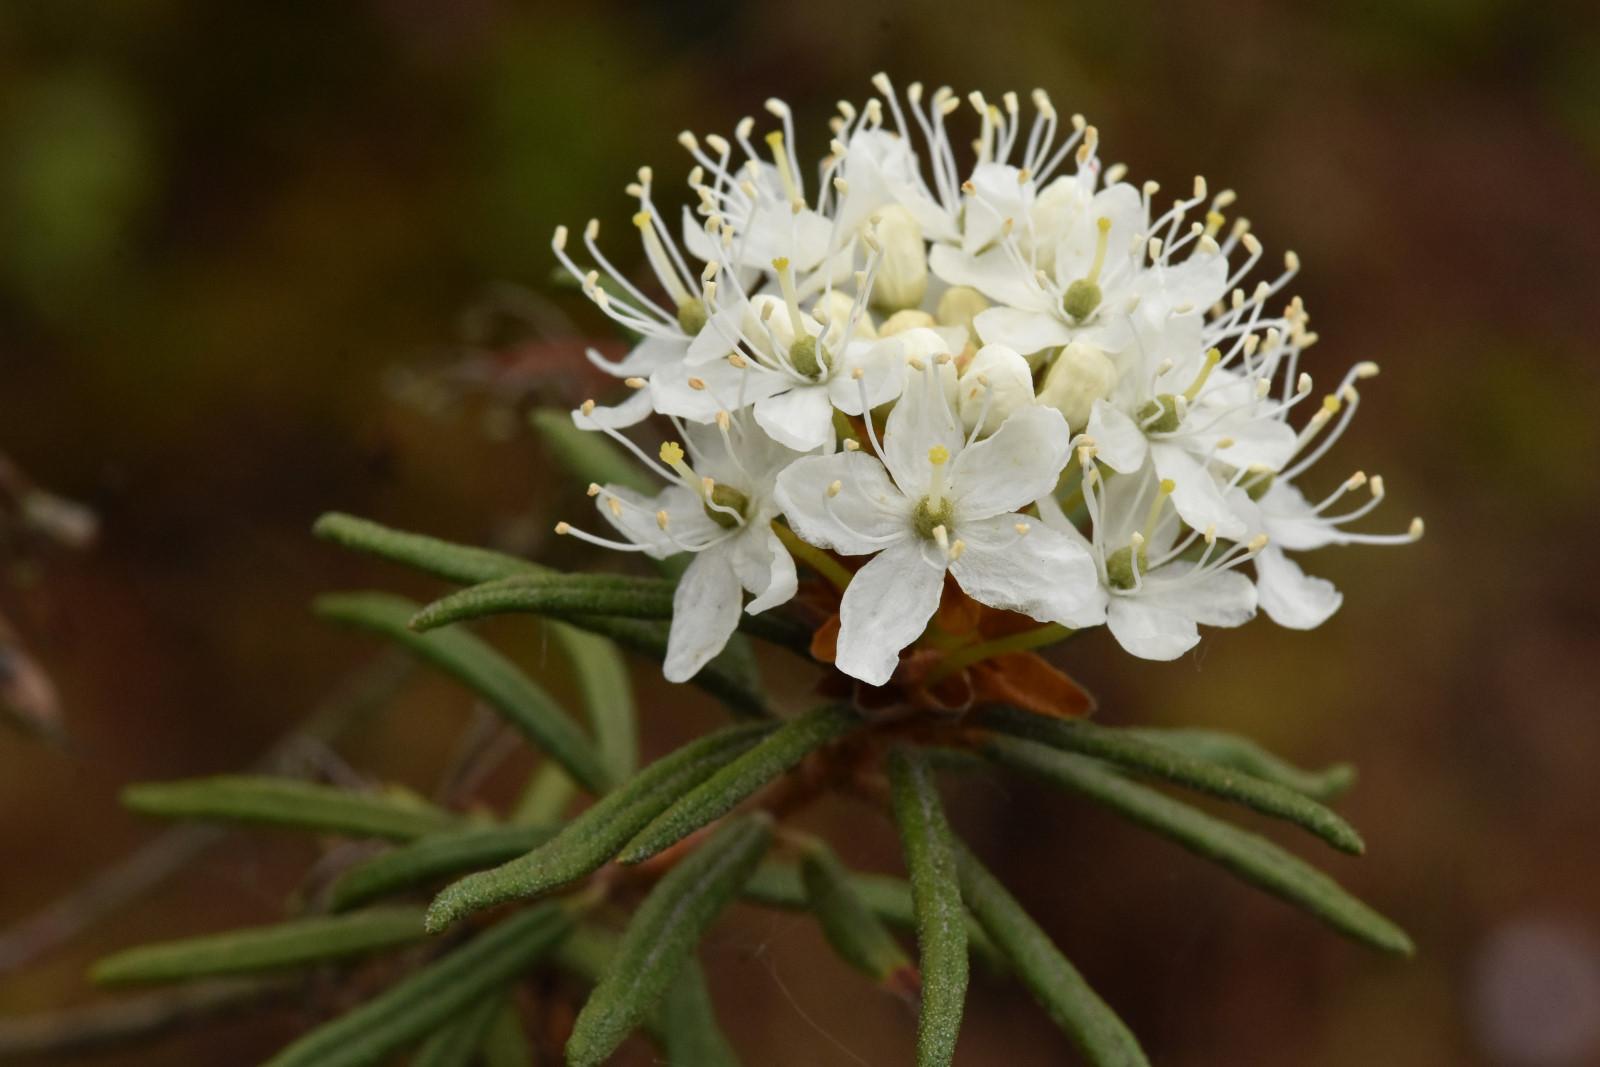 Botanická zahrada Třeboň je v plném květu